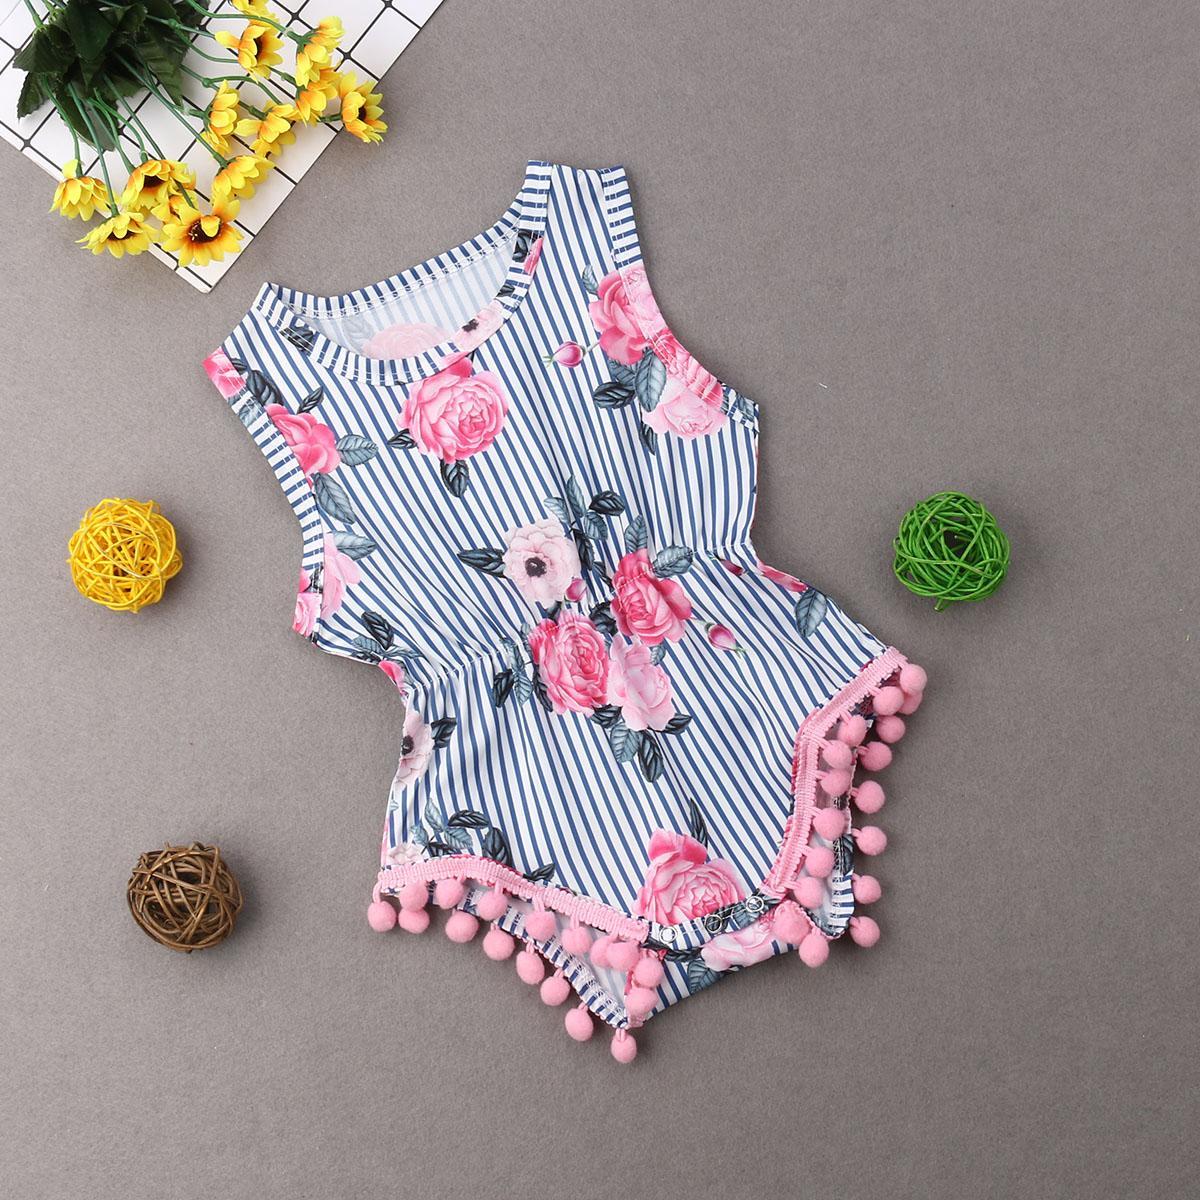 Yaz Yenidoğan Bebek Kız bebekler Çiçek Bodysuits Tulum Moda Püskül Kolsuz Bebek Bebek Sunsuit Giyim Beachwear